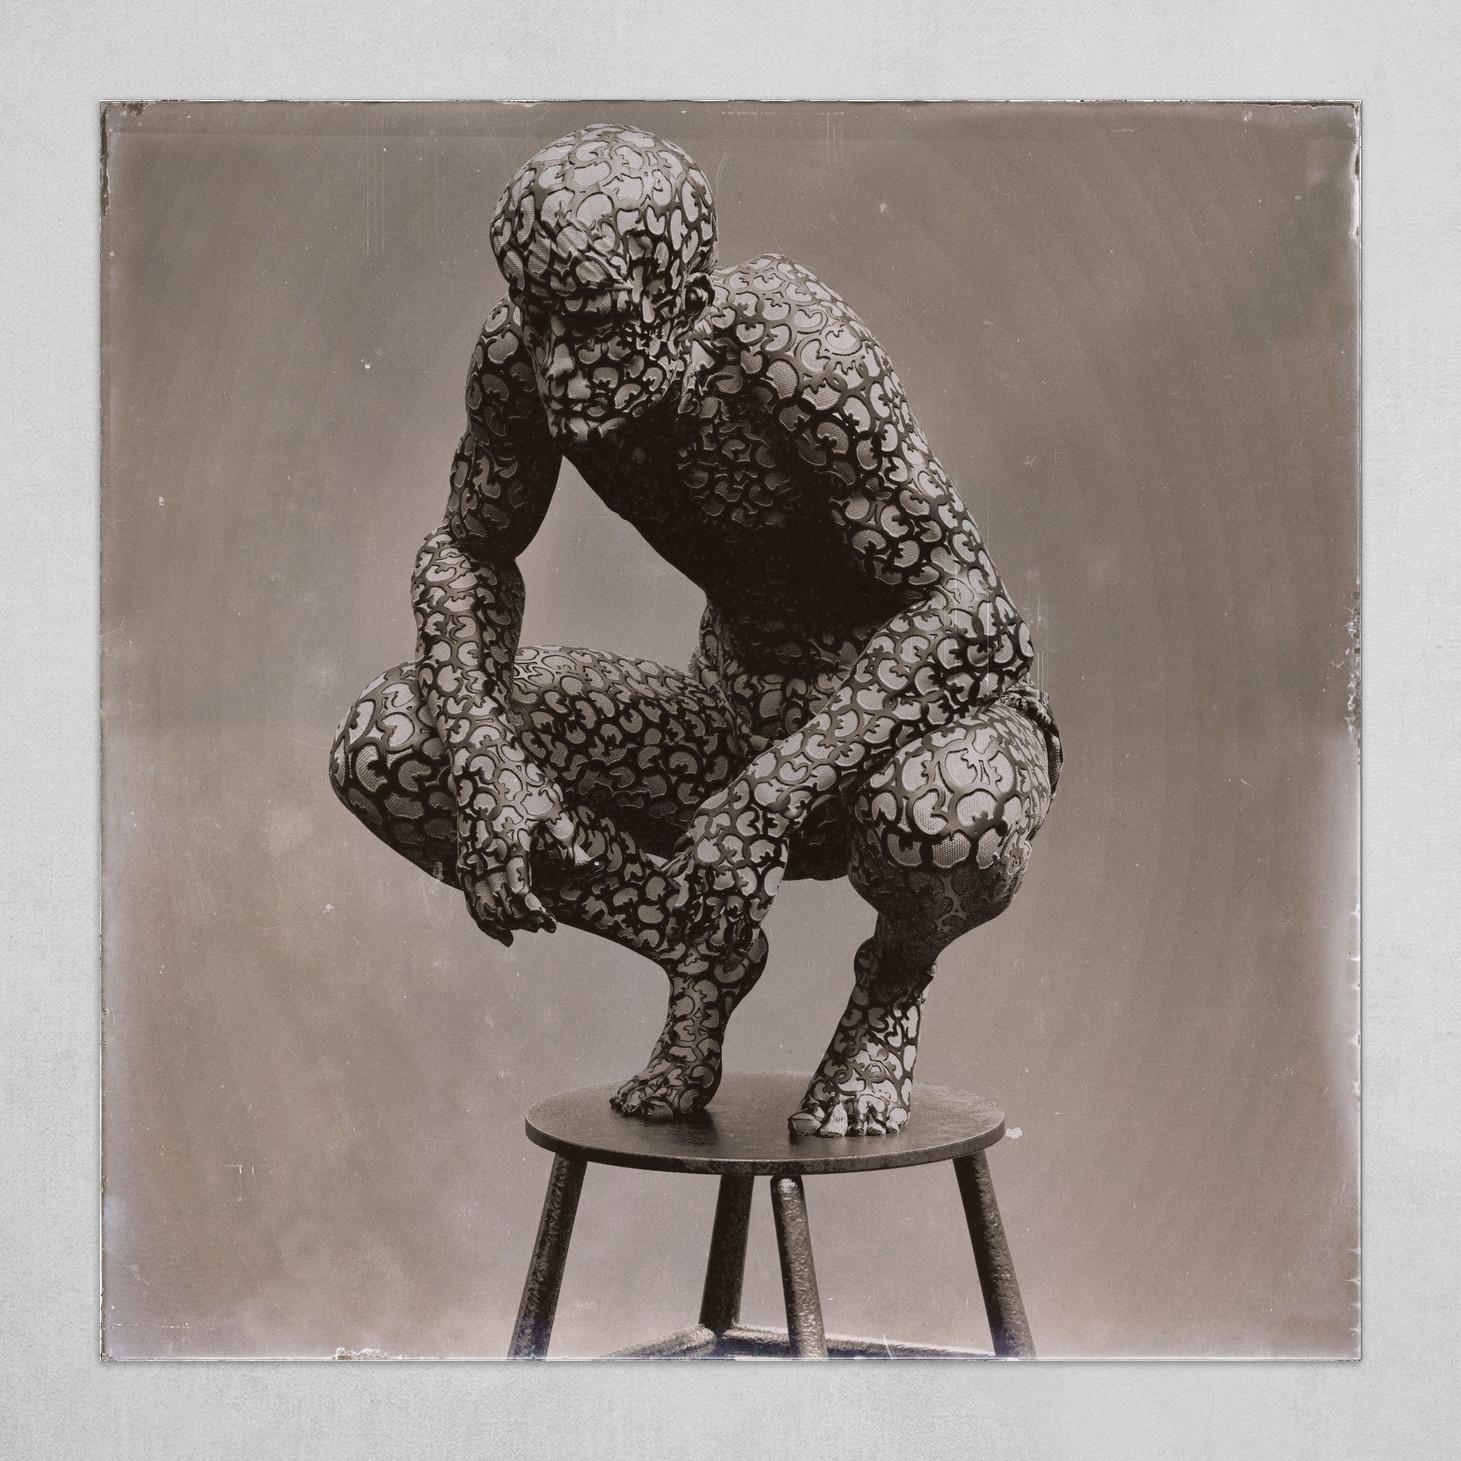 Man crouching B&W